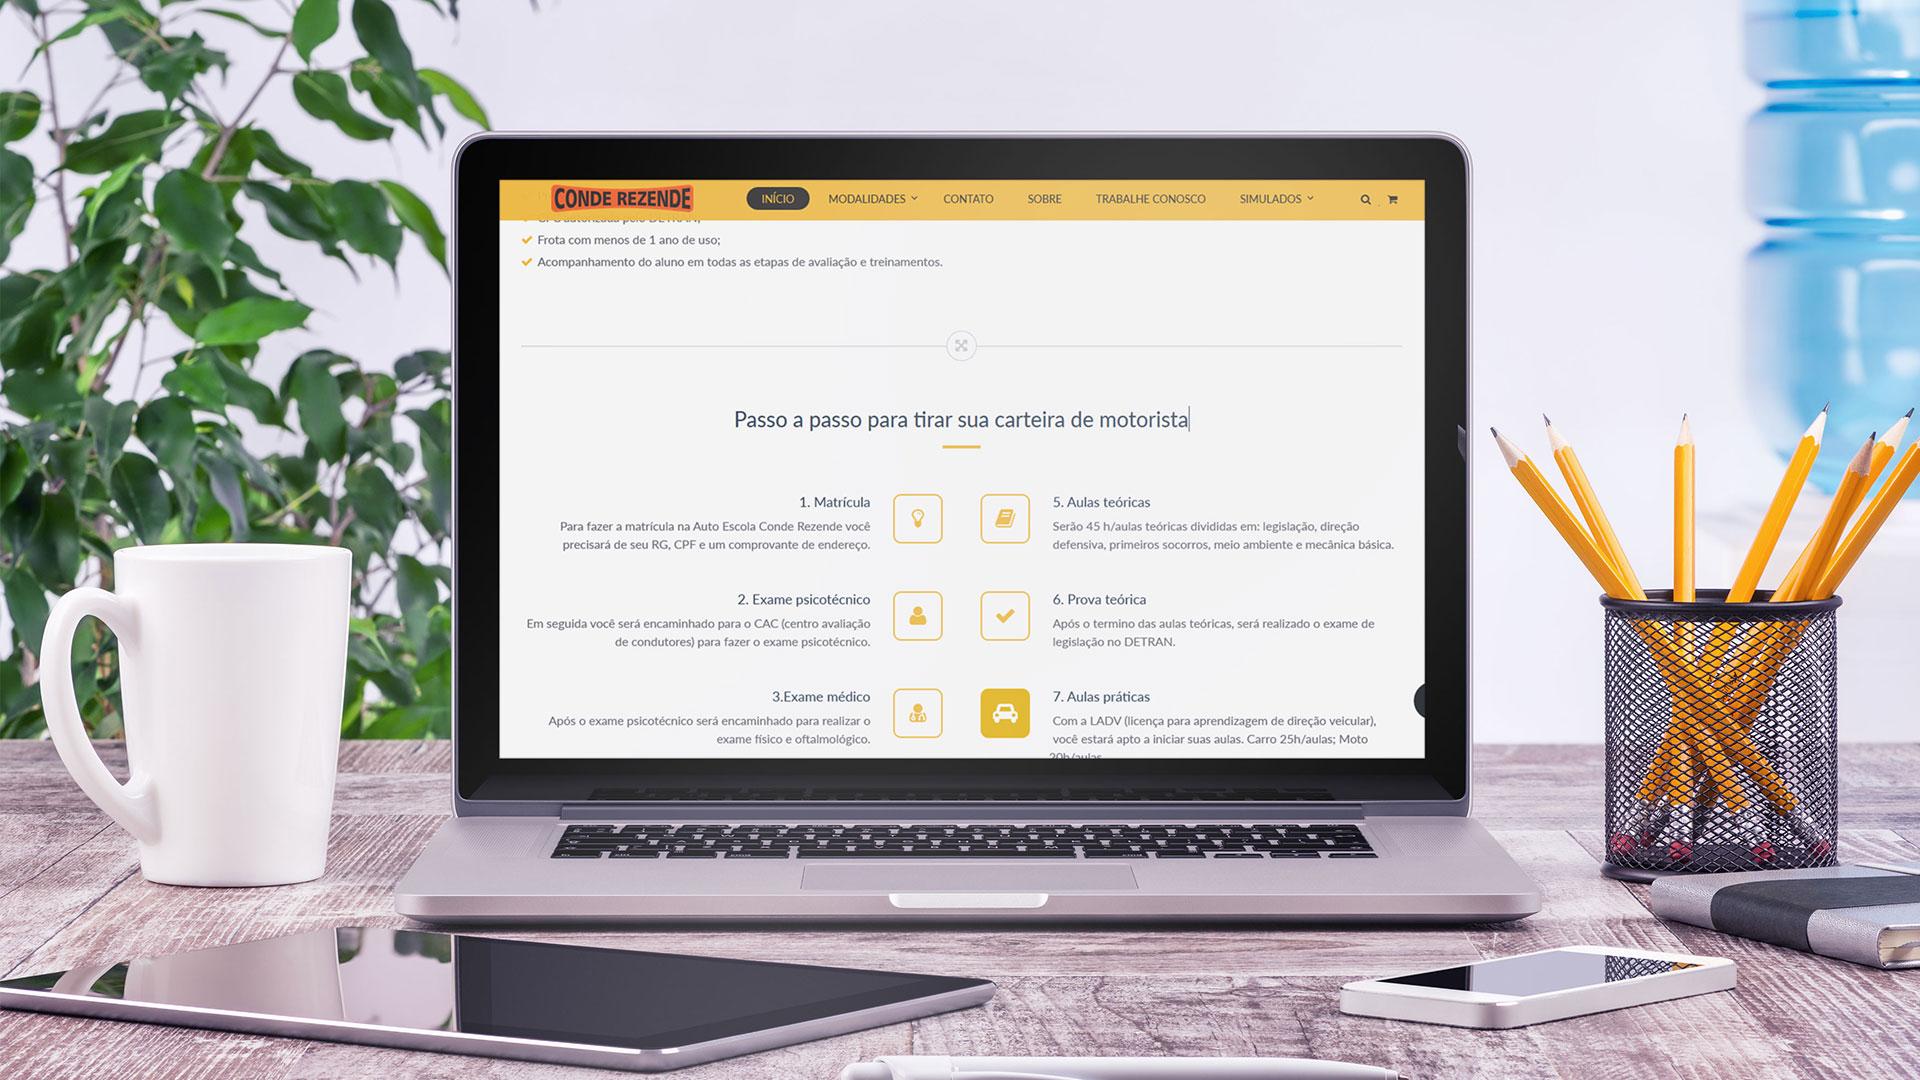 Site institucional Auto Escola Conde Rezende